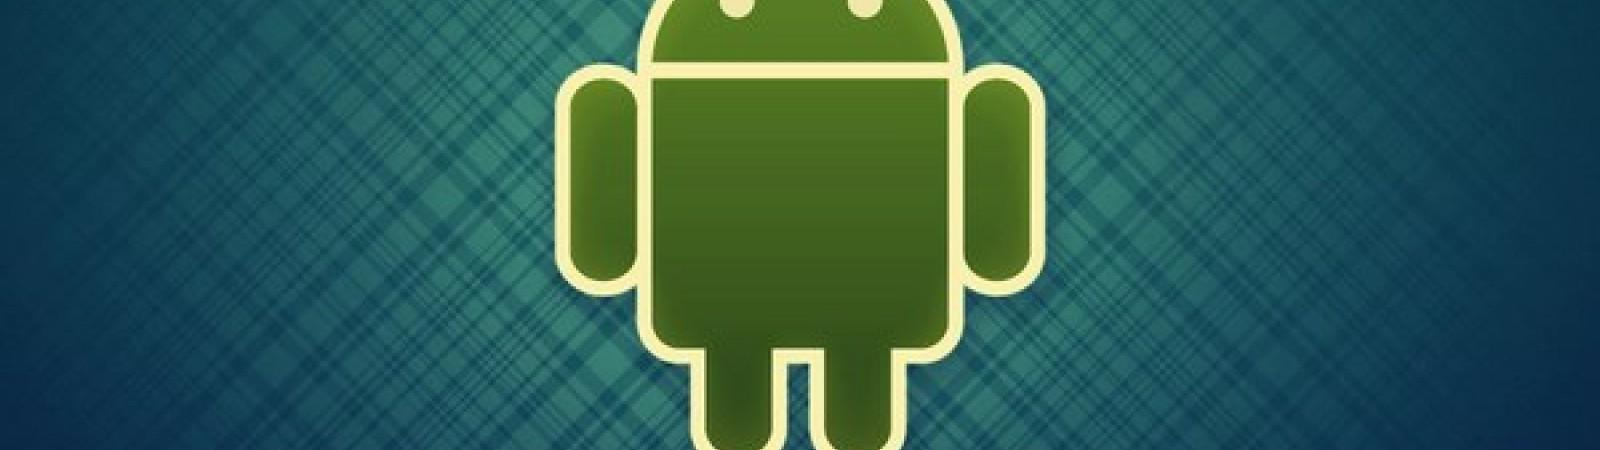 Corso Online di Programmatore Android